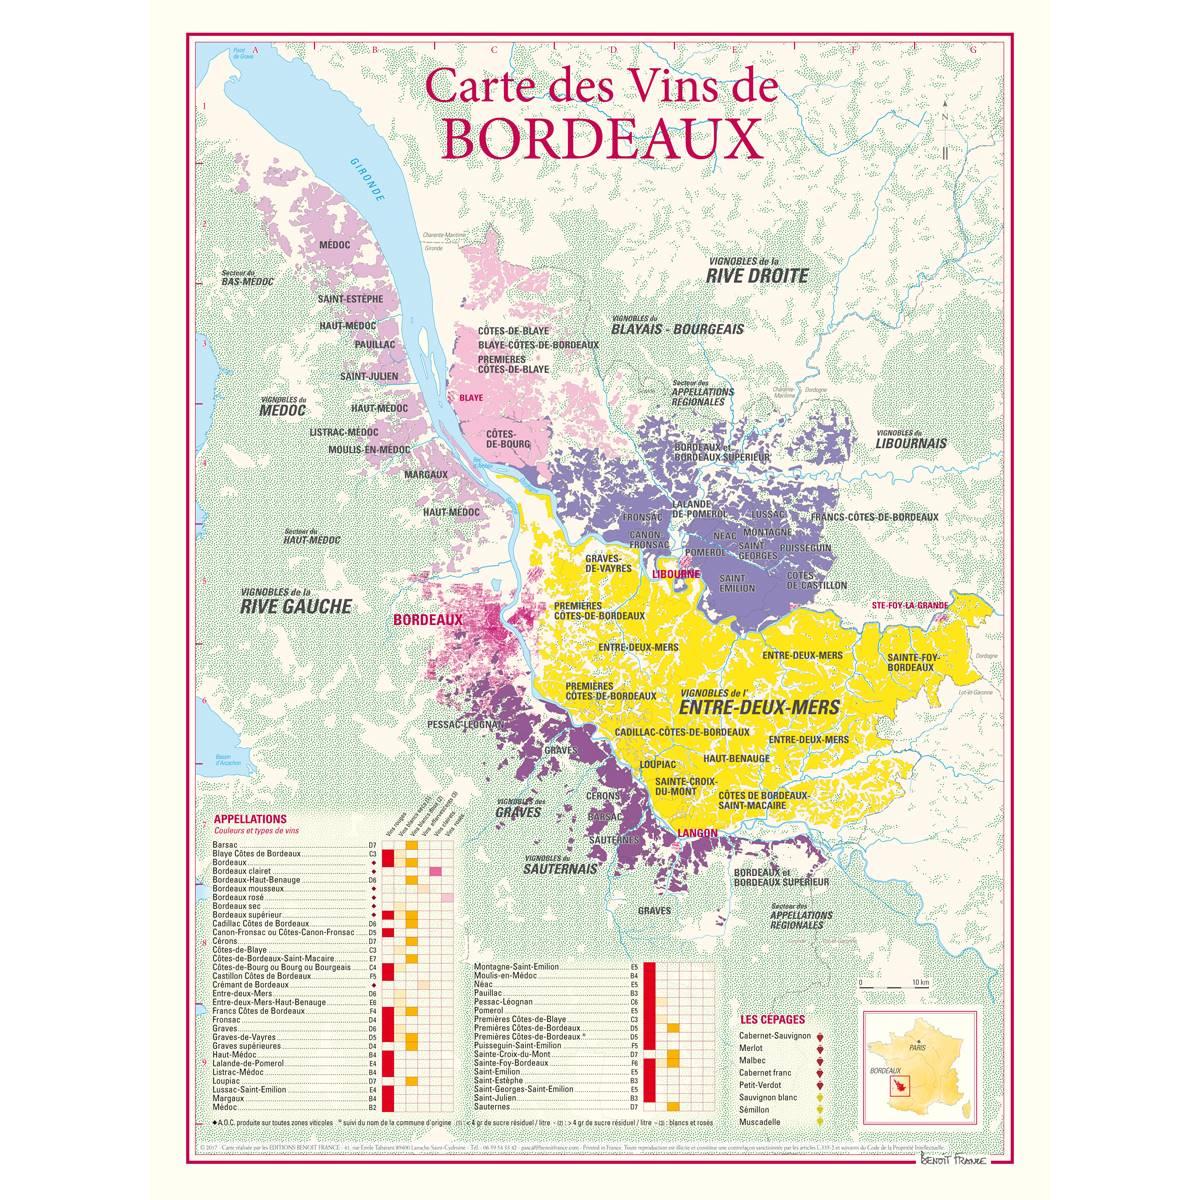 Carte des Vins de Bordeaux poster 30 x 40 cm